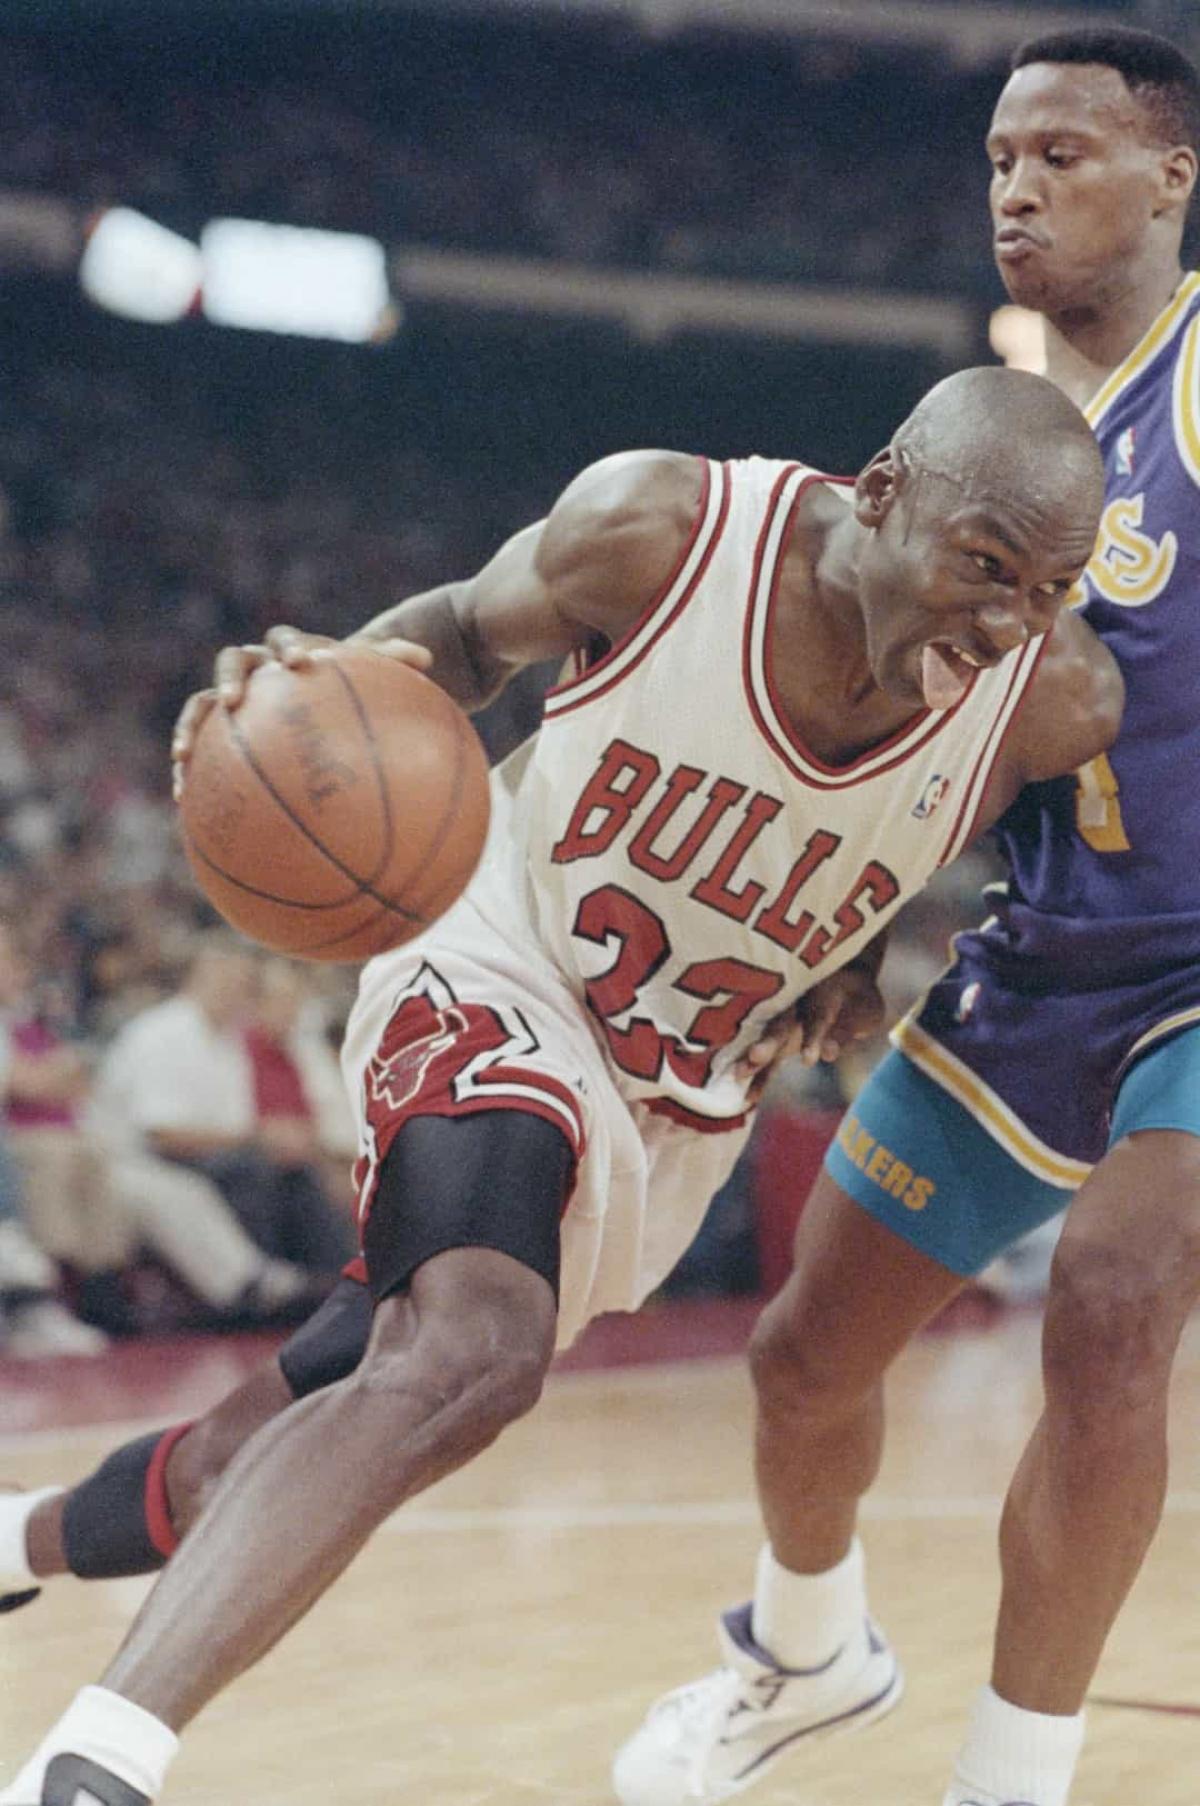 Năm 1991:Huyền thoại bóng rổ Michael Jordan của đội bóng Chicago Bulls trong trận chung kết NBA với Los Angeles Lakers vào ngày 2/6/1991 tại sân vận động Chicago.